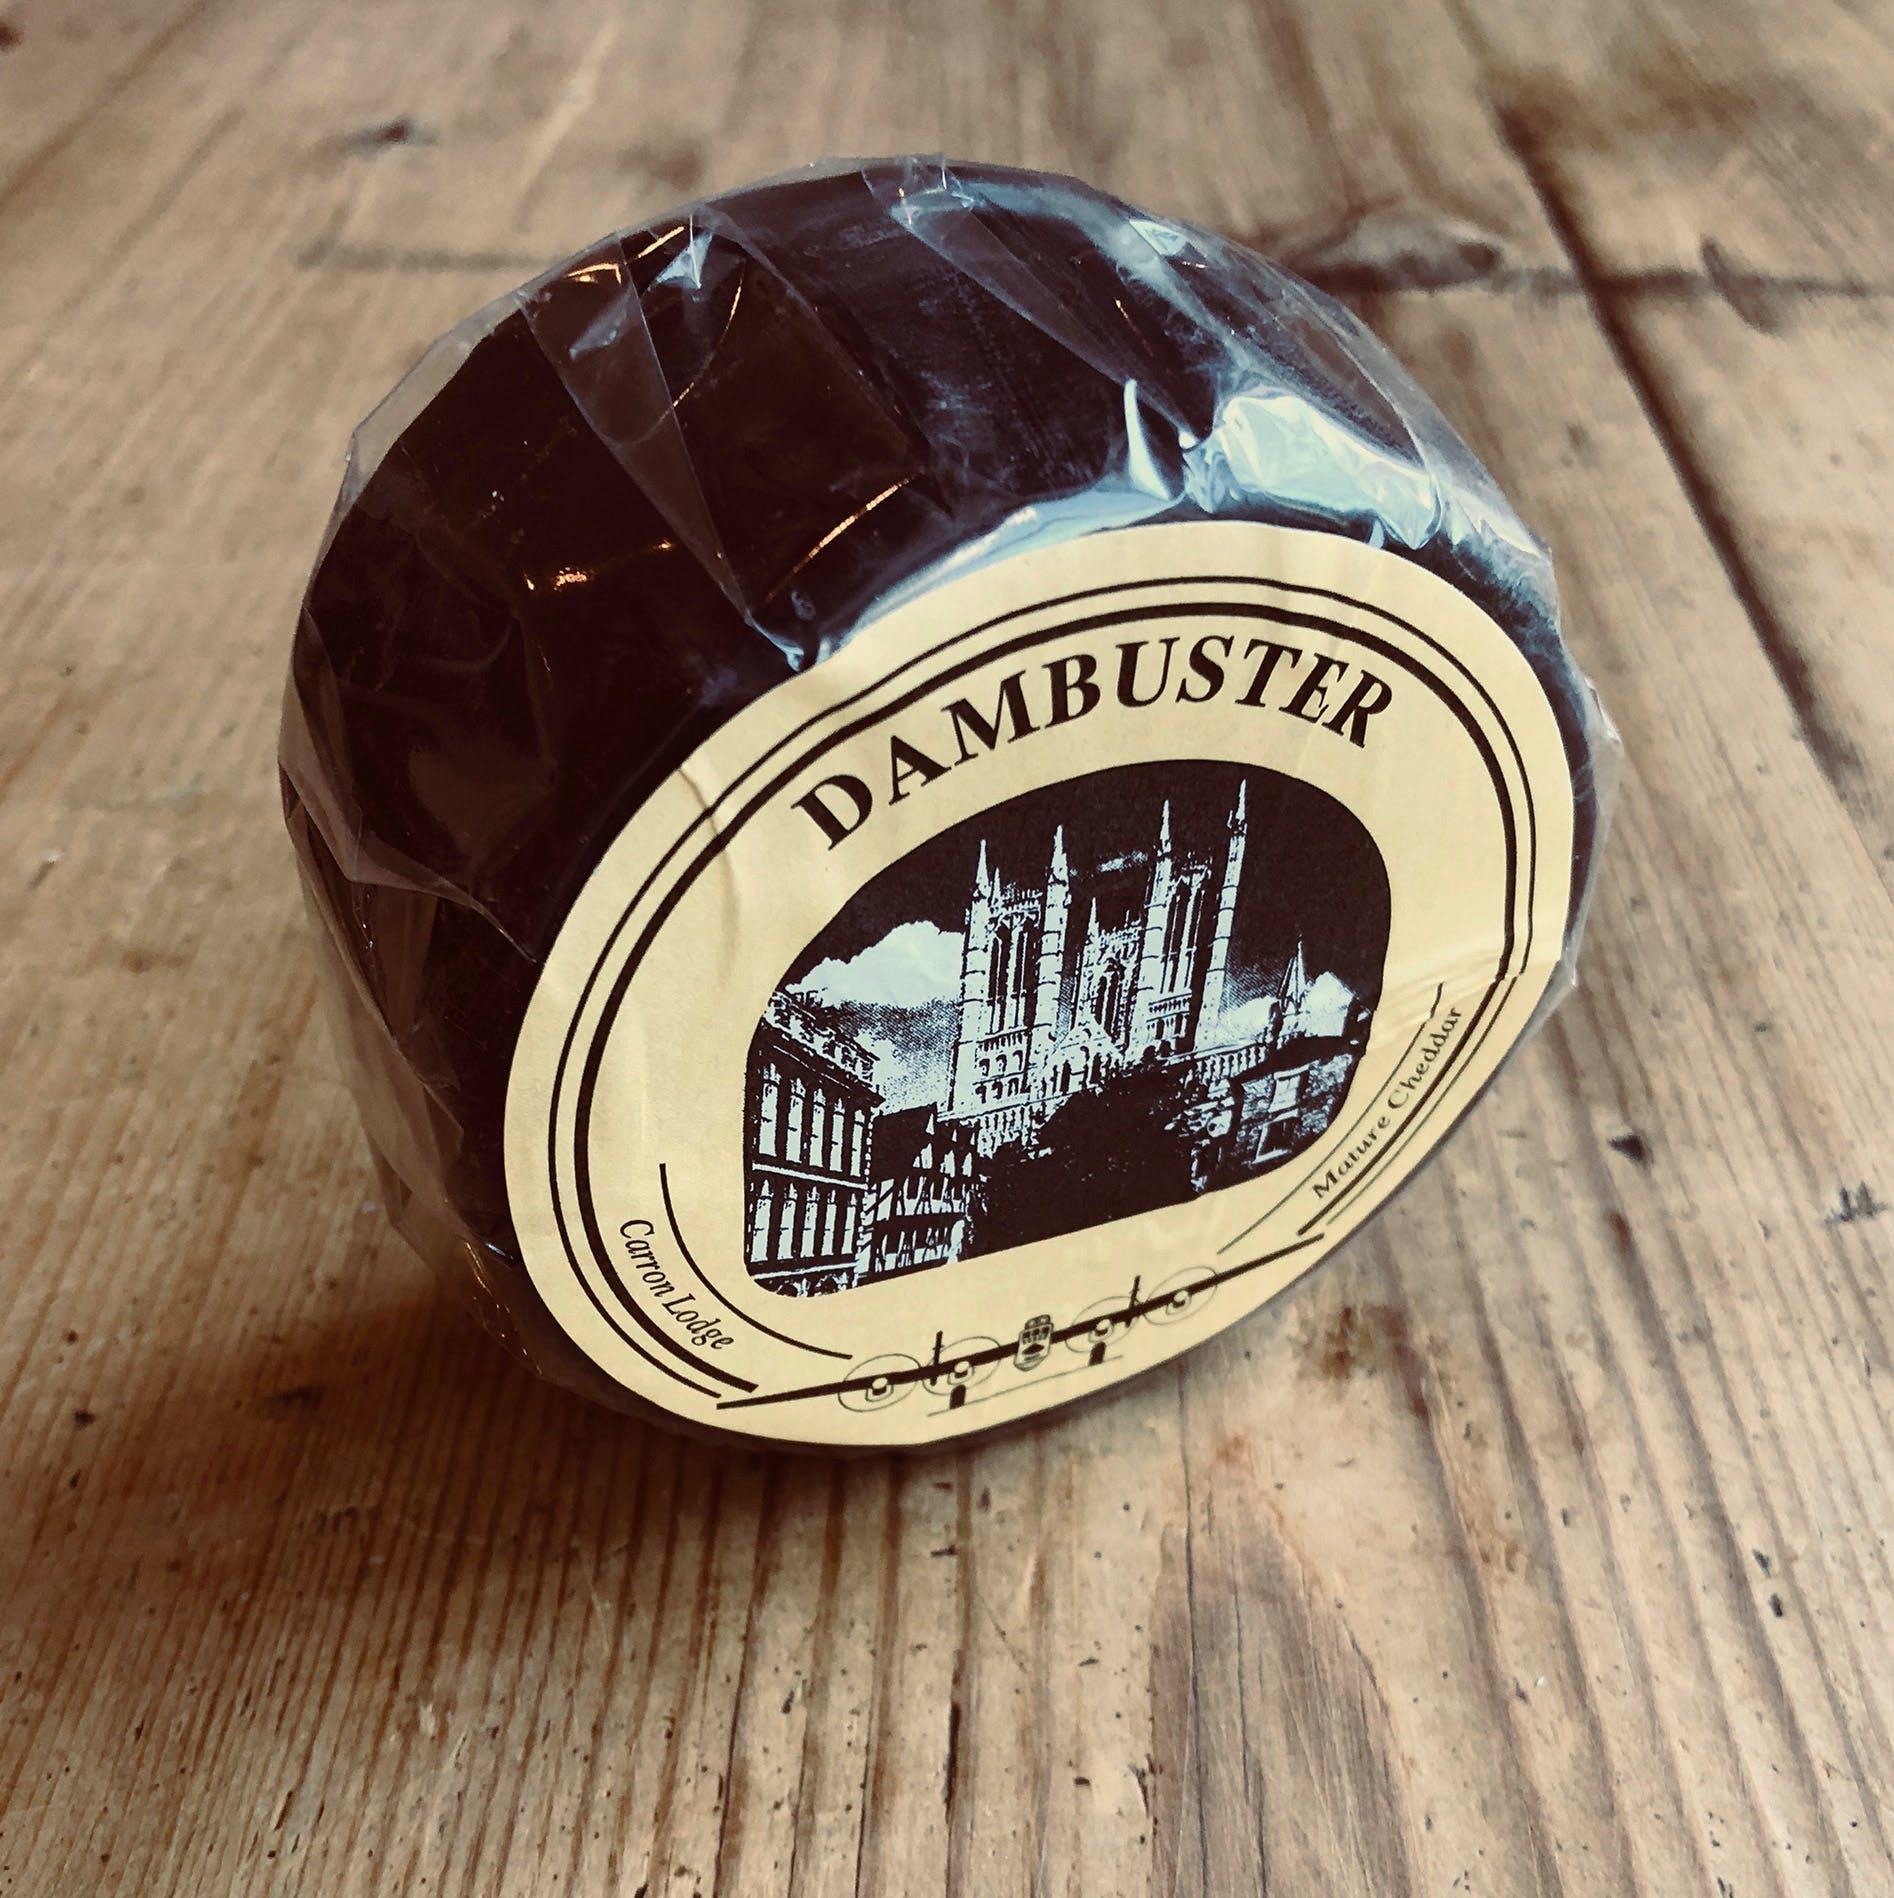 DAMBUSTER-CHEDDAR-SIDE